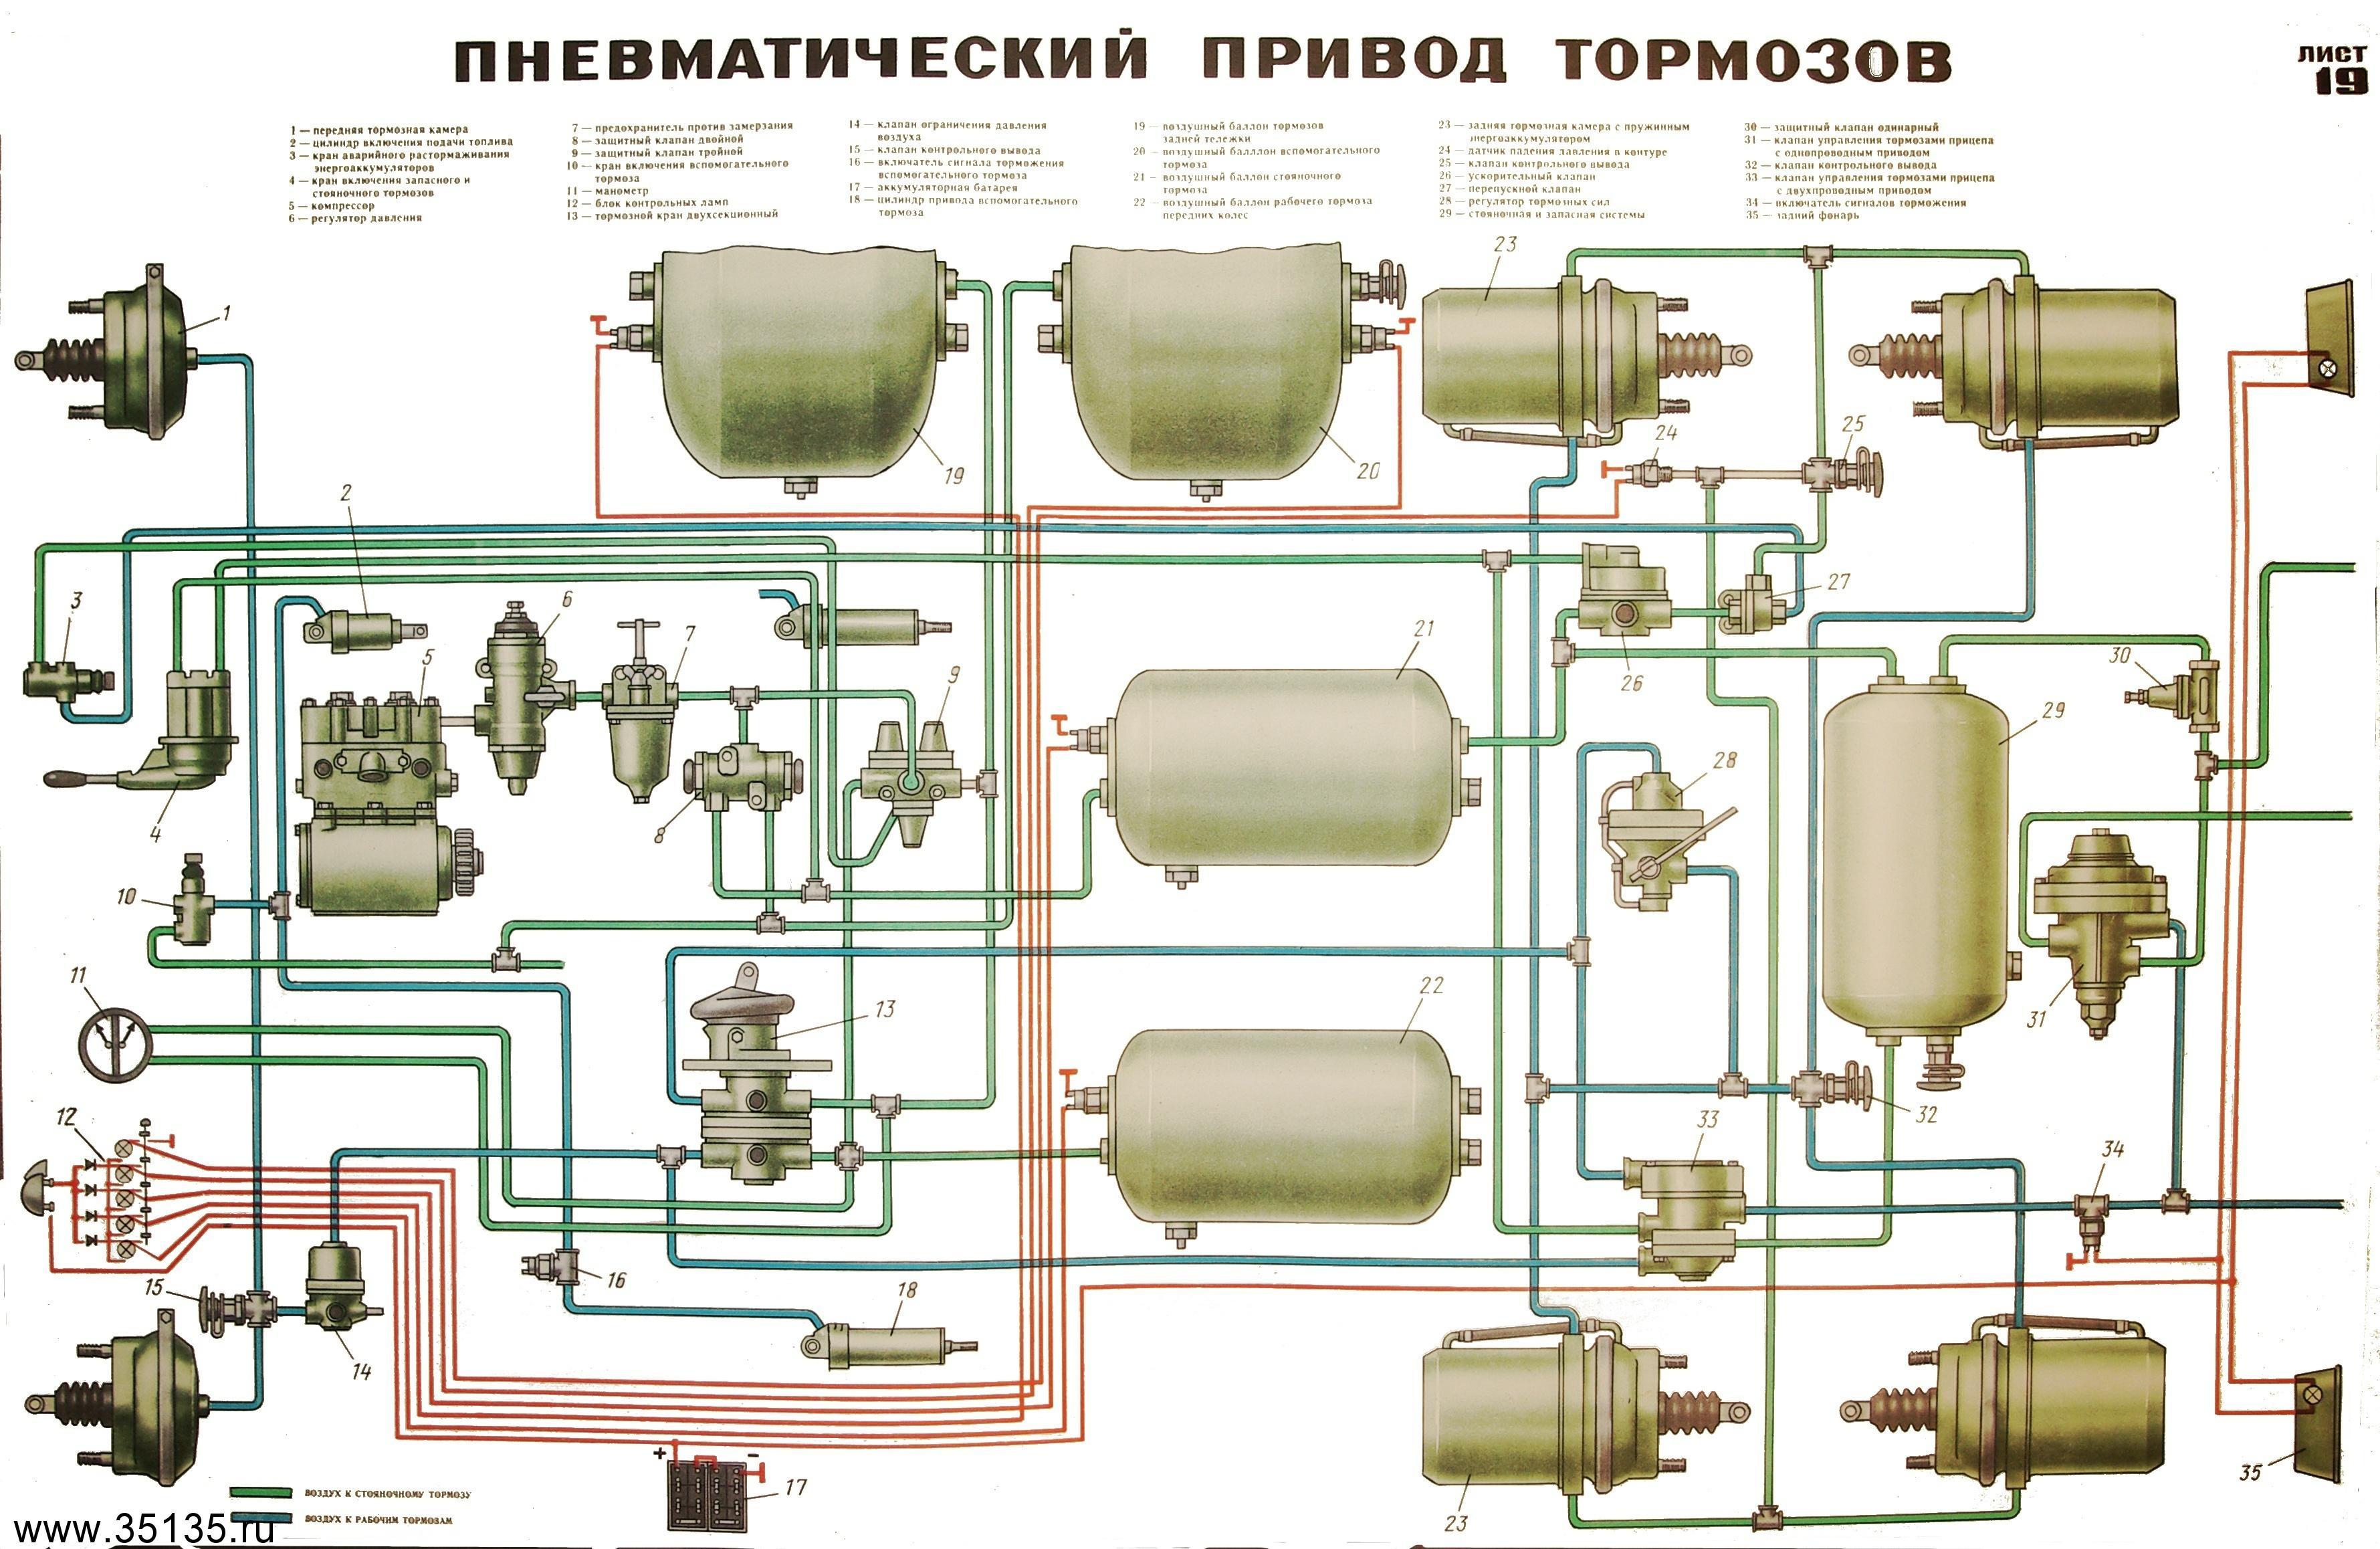 генератор г273в2 схема подключения в автомобиле маз